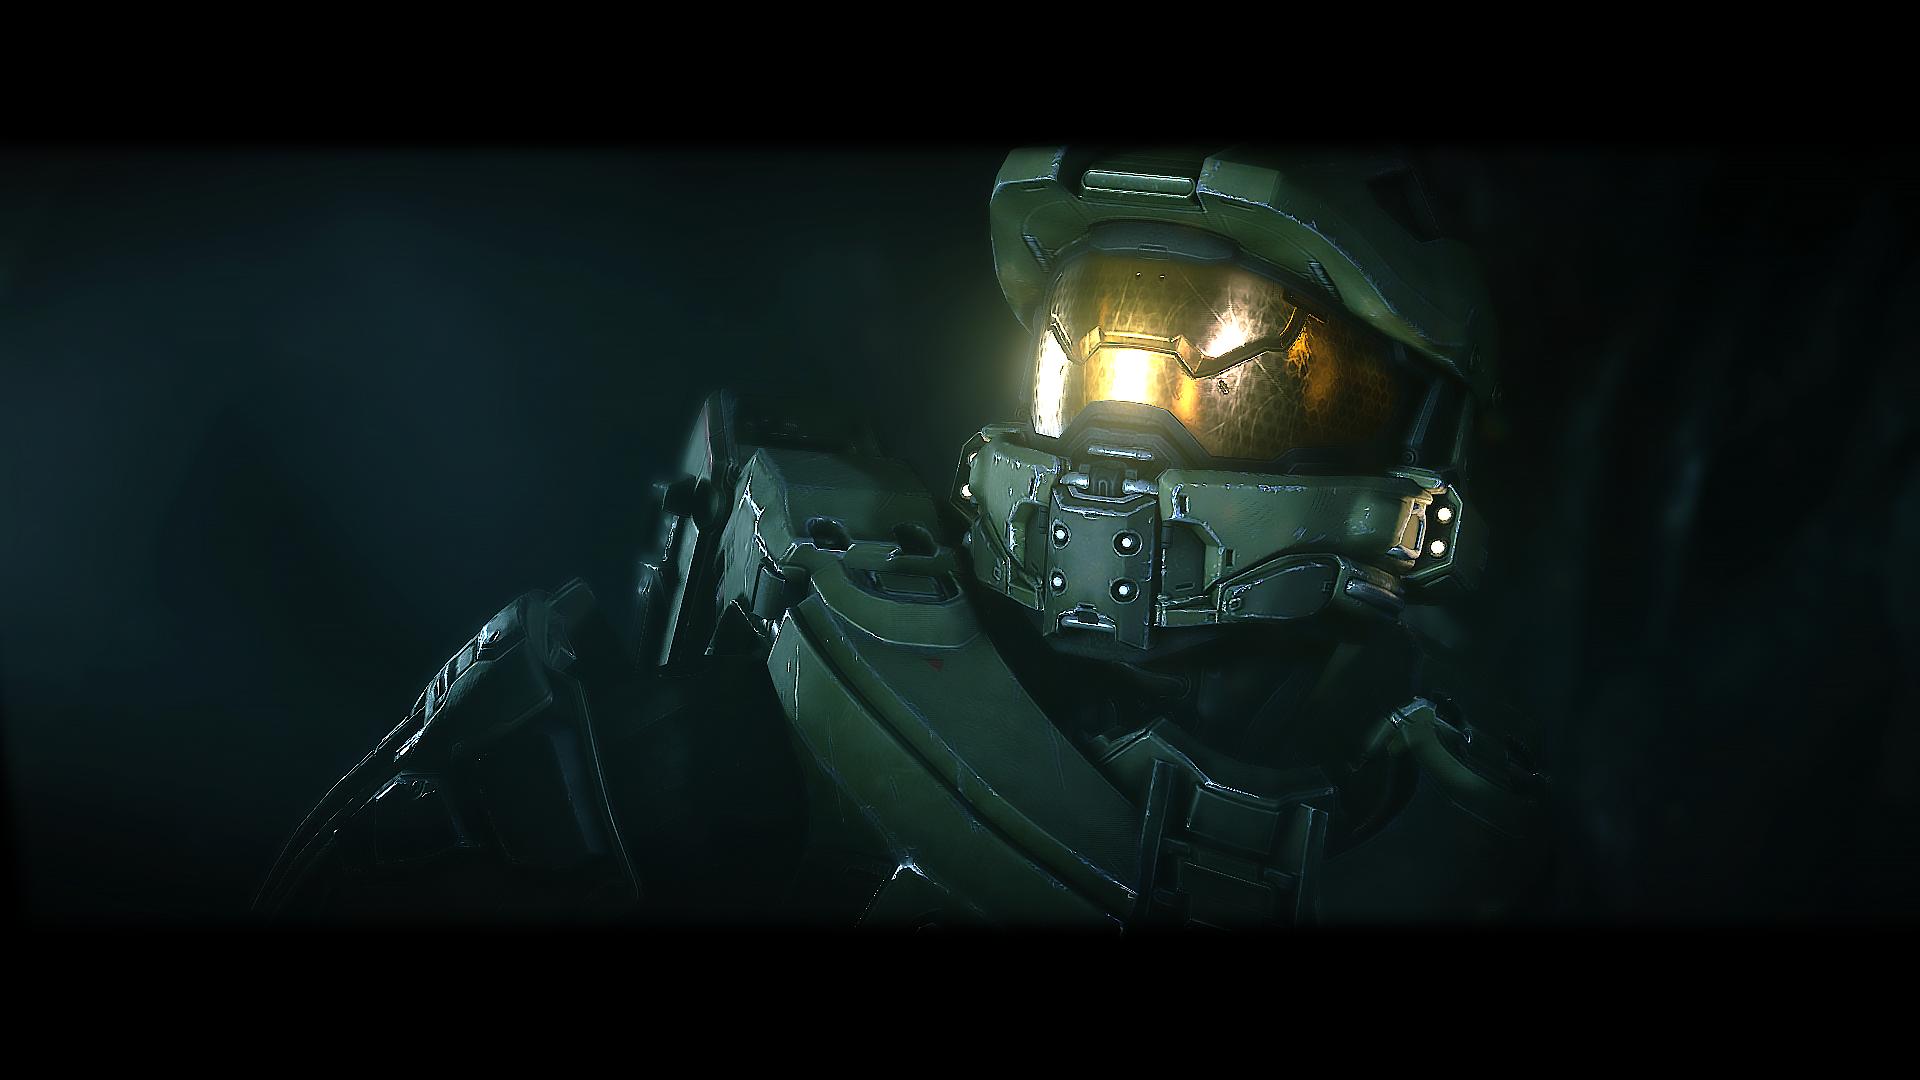 Wallpaper Halo 5 Guardians Master Chief Arbiter Midnight